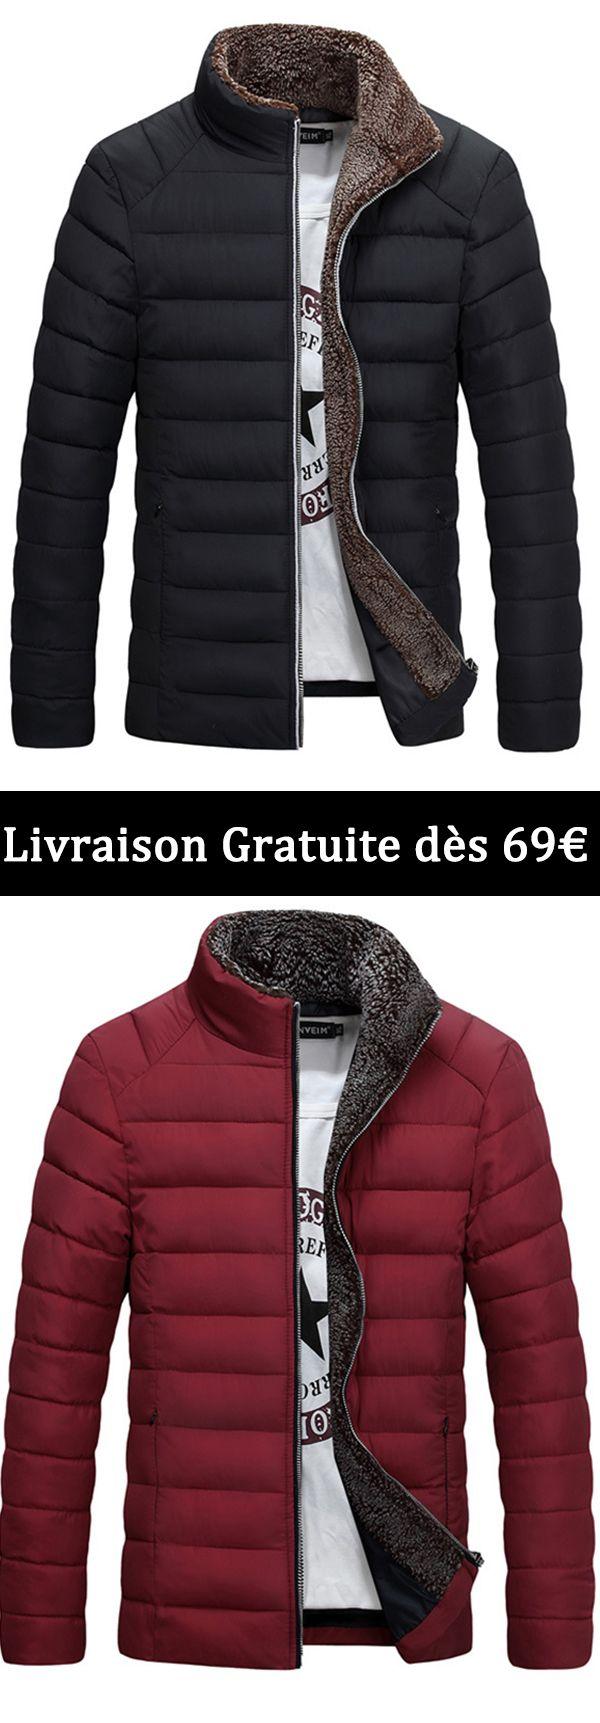 Manteau homme & veste homme pas cher mode homme Vêtements